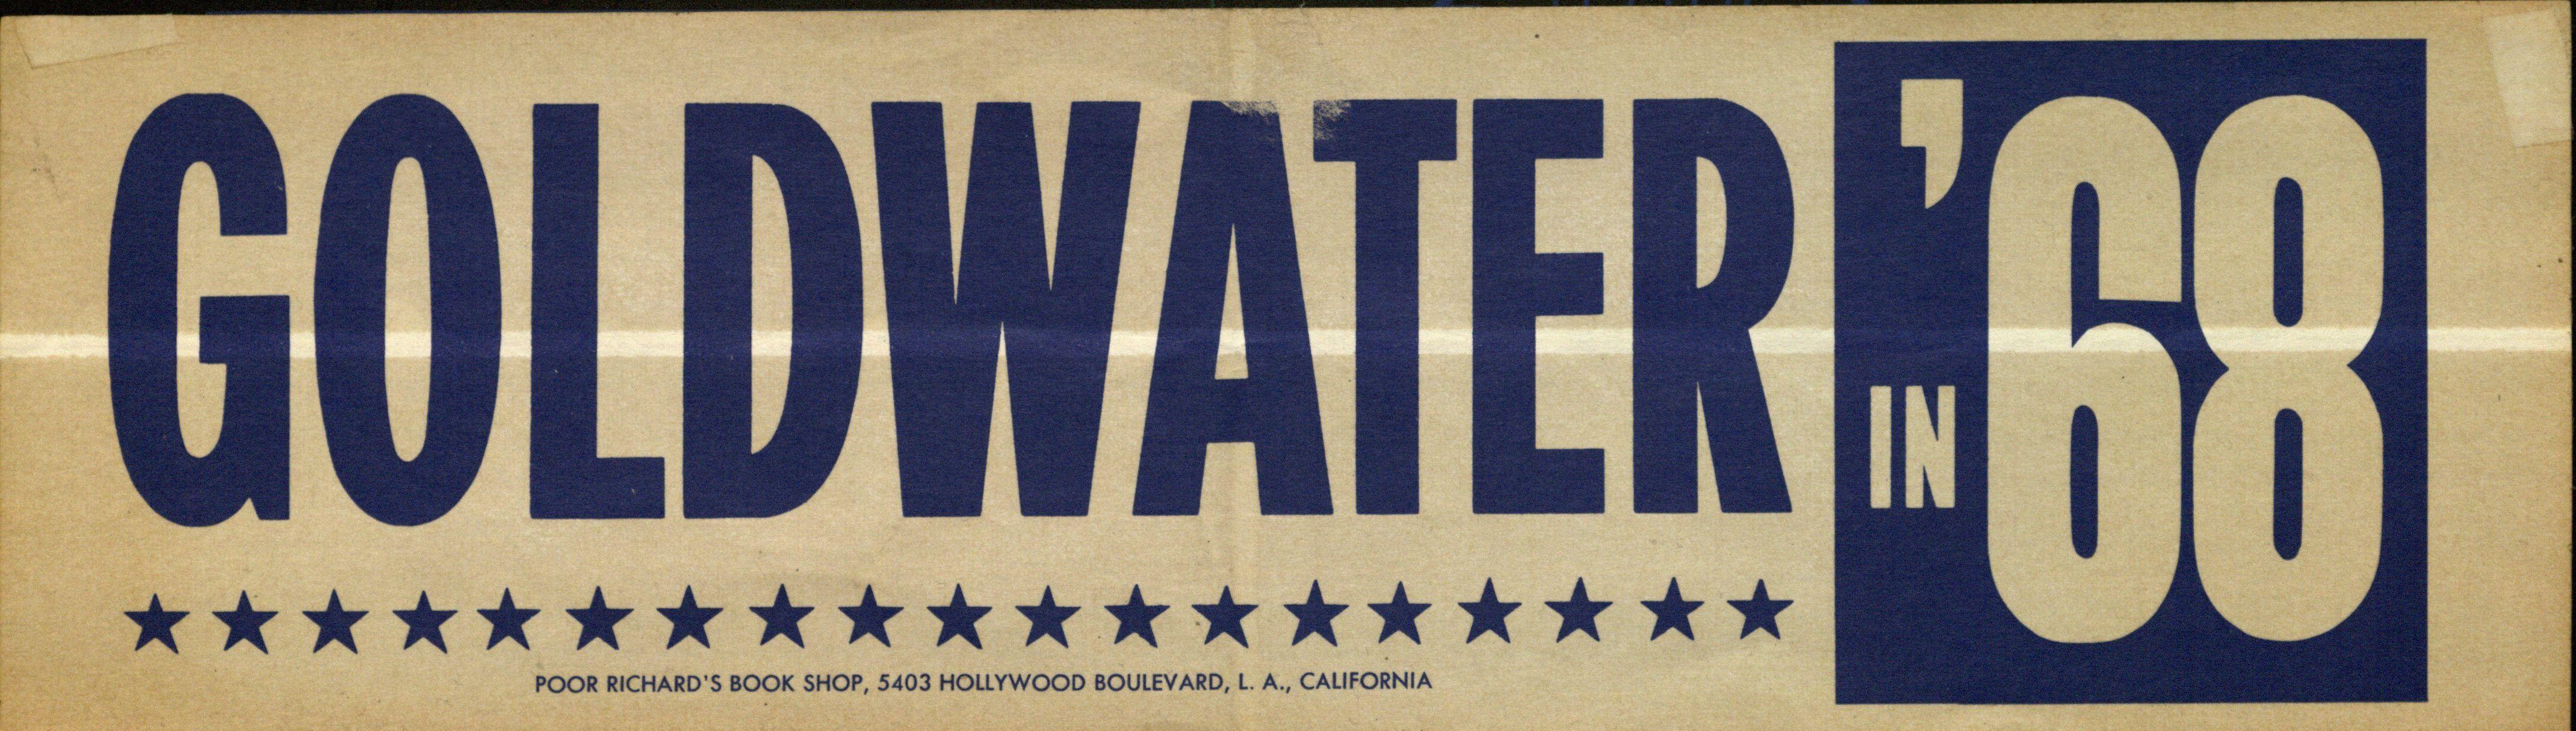 Bumper sticker: Goldwater '68